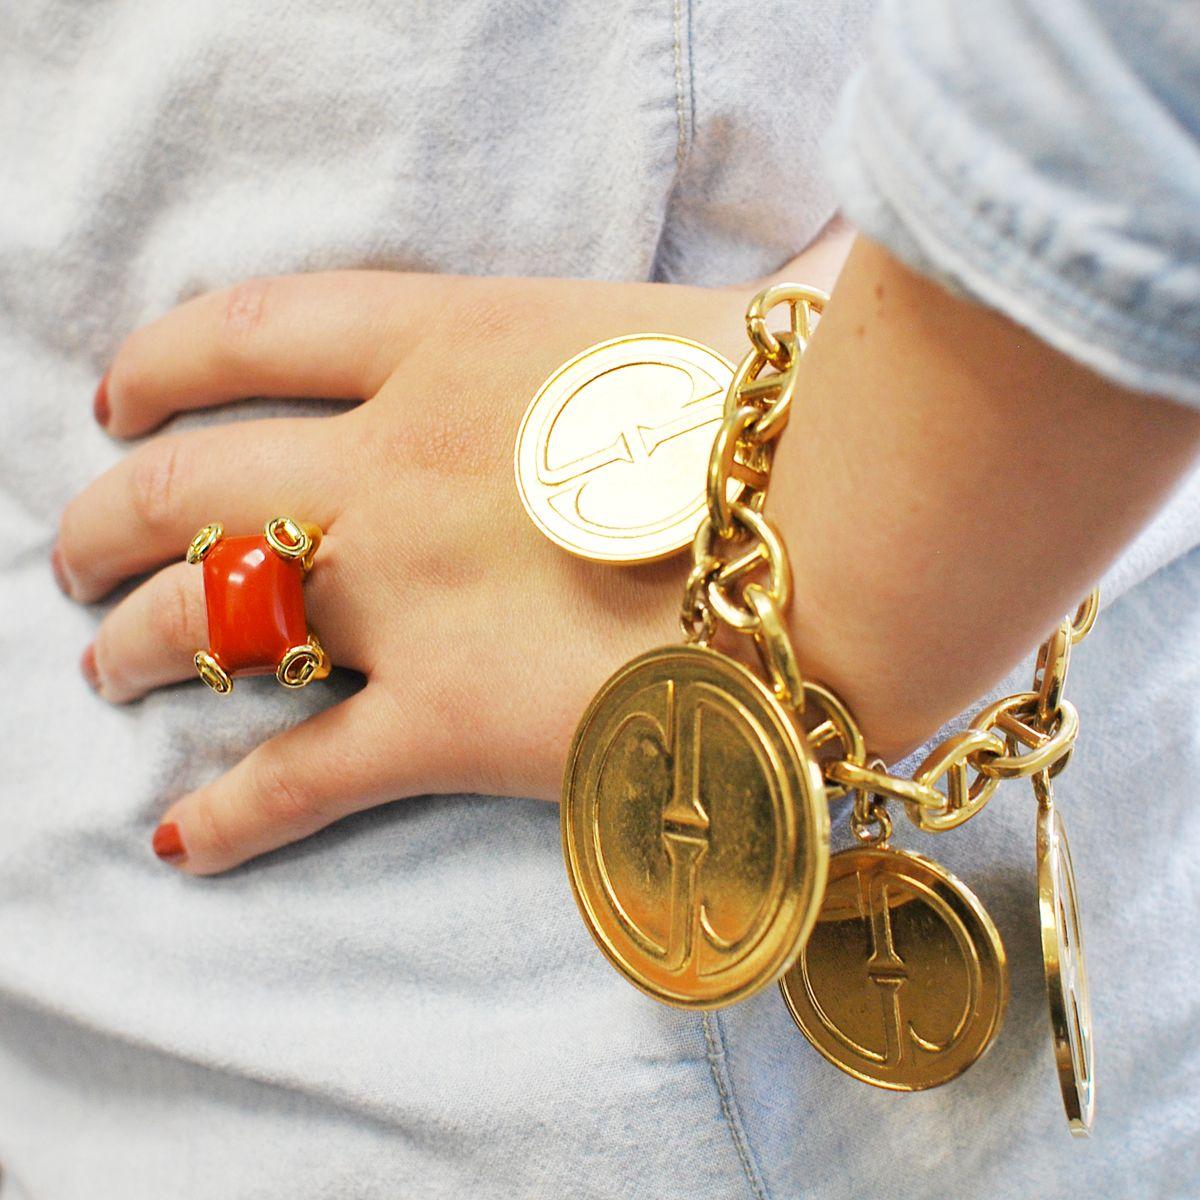 Gucci 18k Gold Bit Ring & Gucci Charm Link Bracelet  Cleo Walker